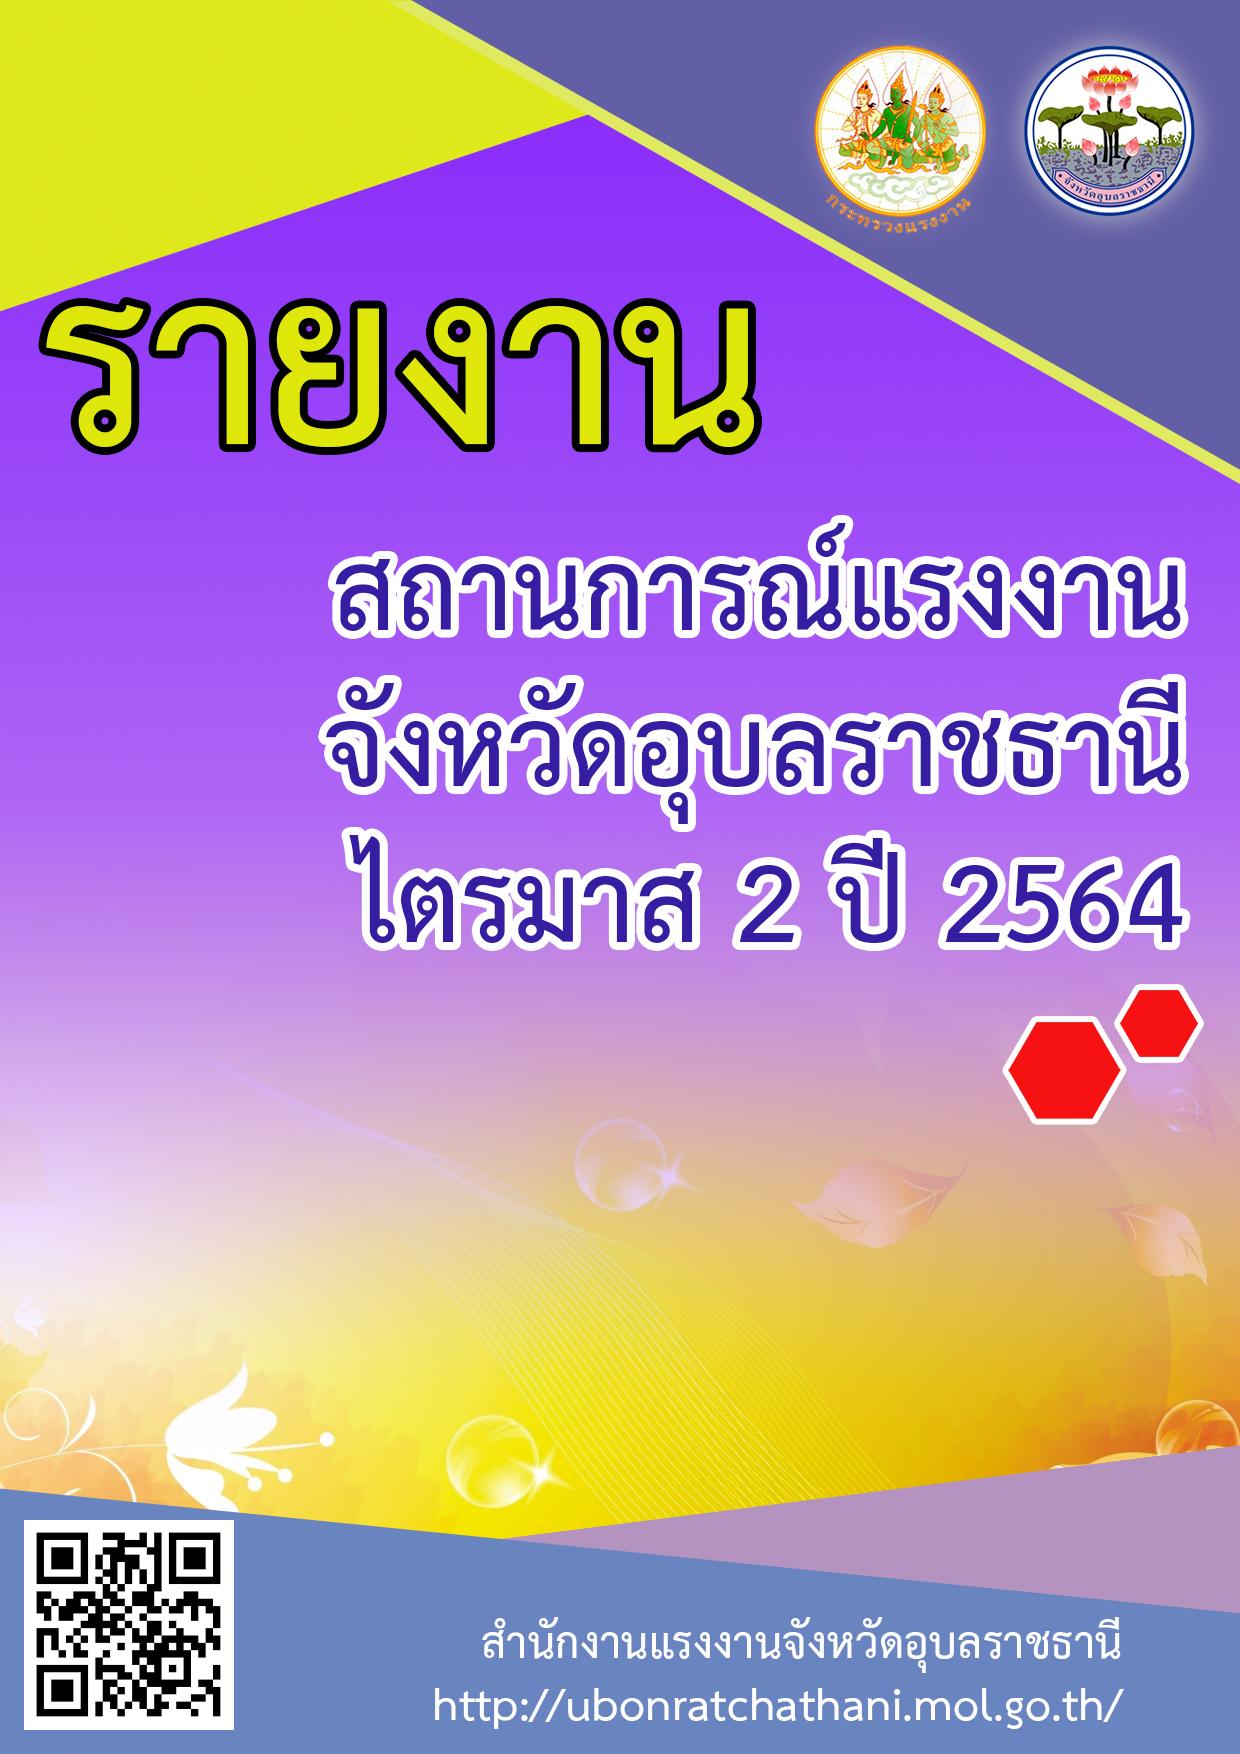 สถานการณ์แรงงานจังหวัดอุบลราชธานี ไตรมาส 2 ปี 2564